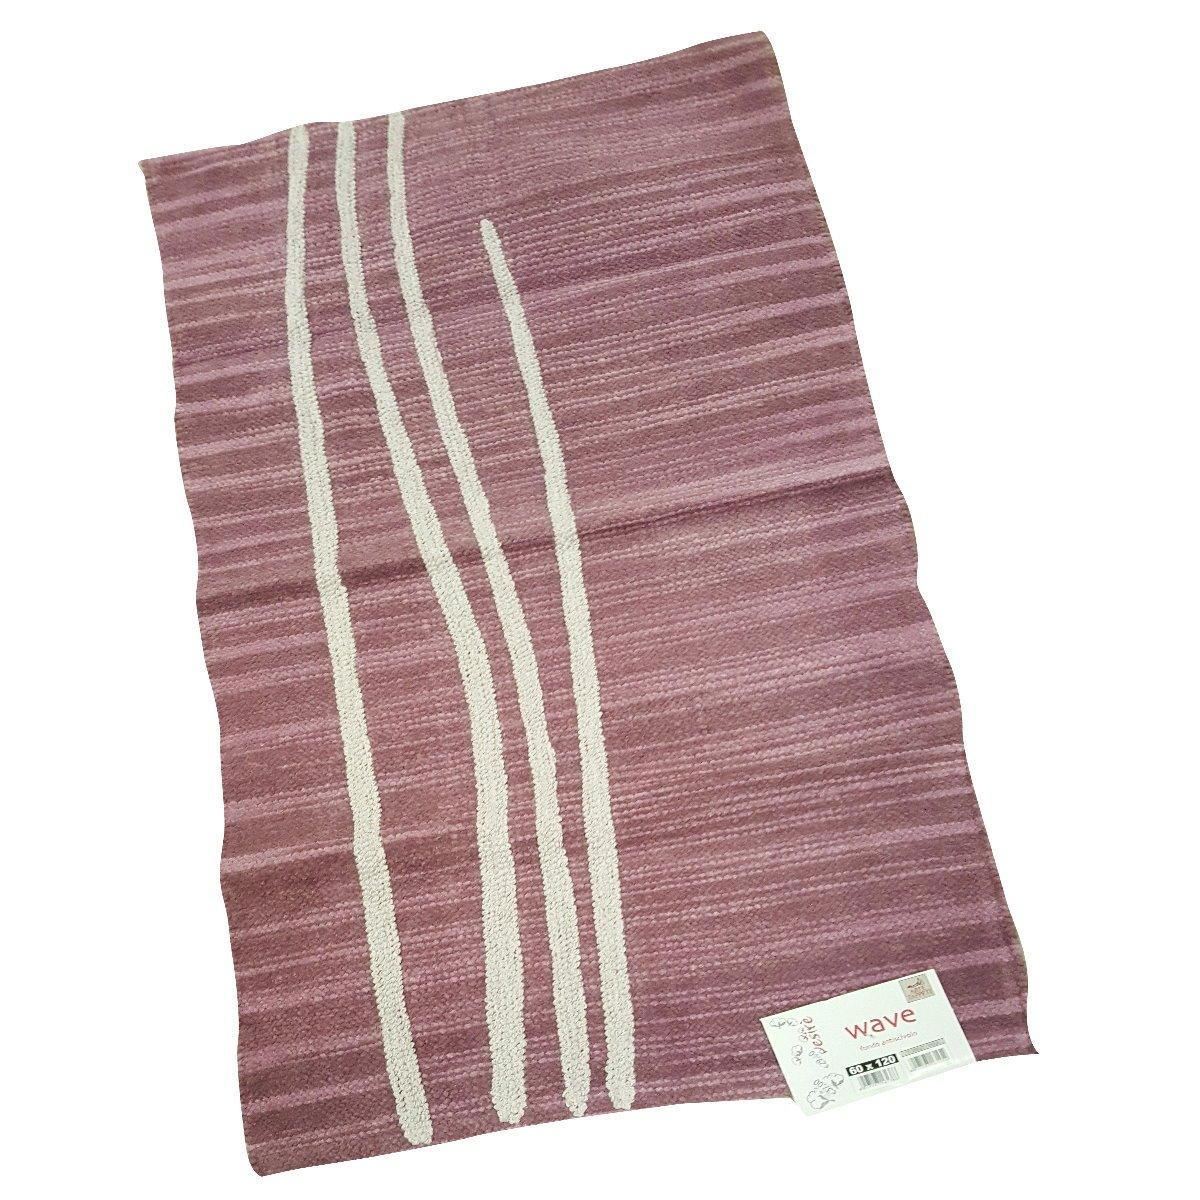 Tappeto bagno in puro cotone disponibile in vari colori - Tappeto bagno viola ...